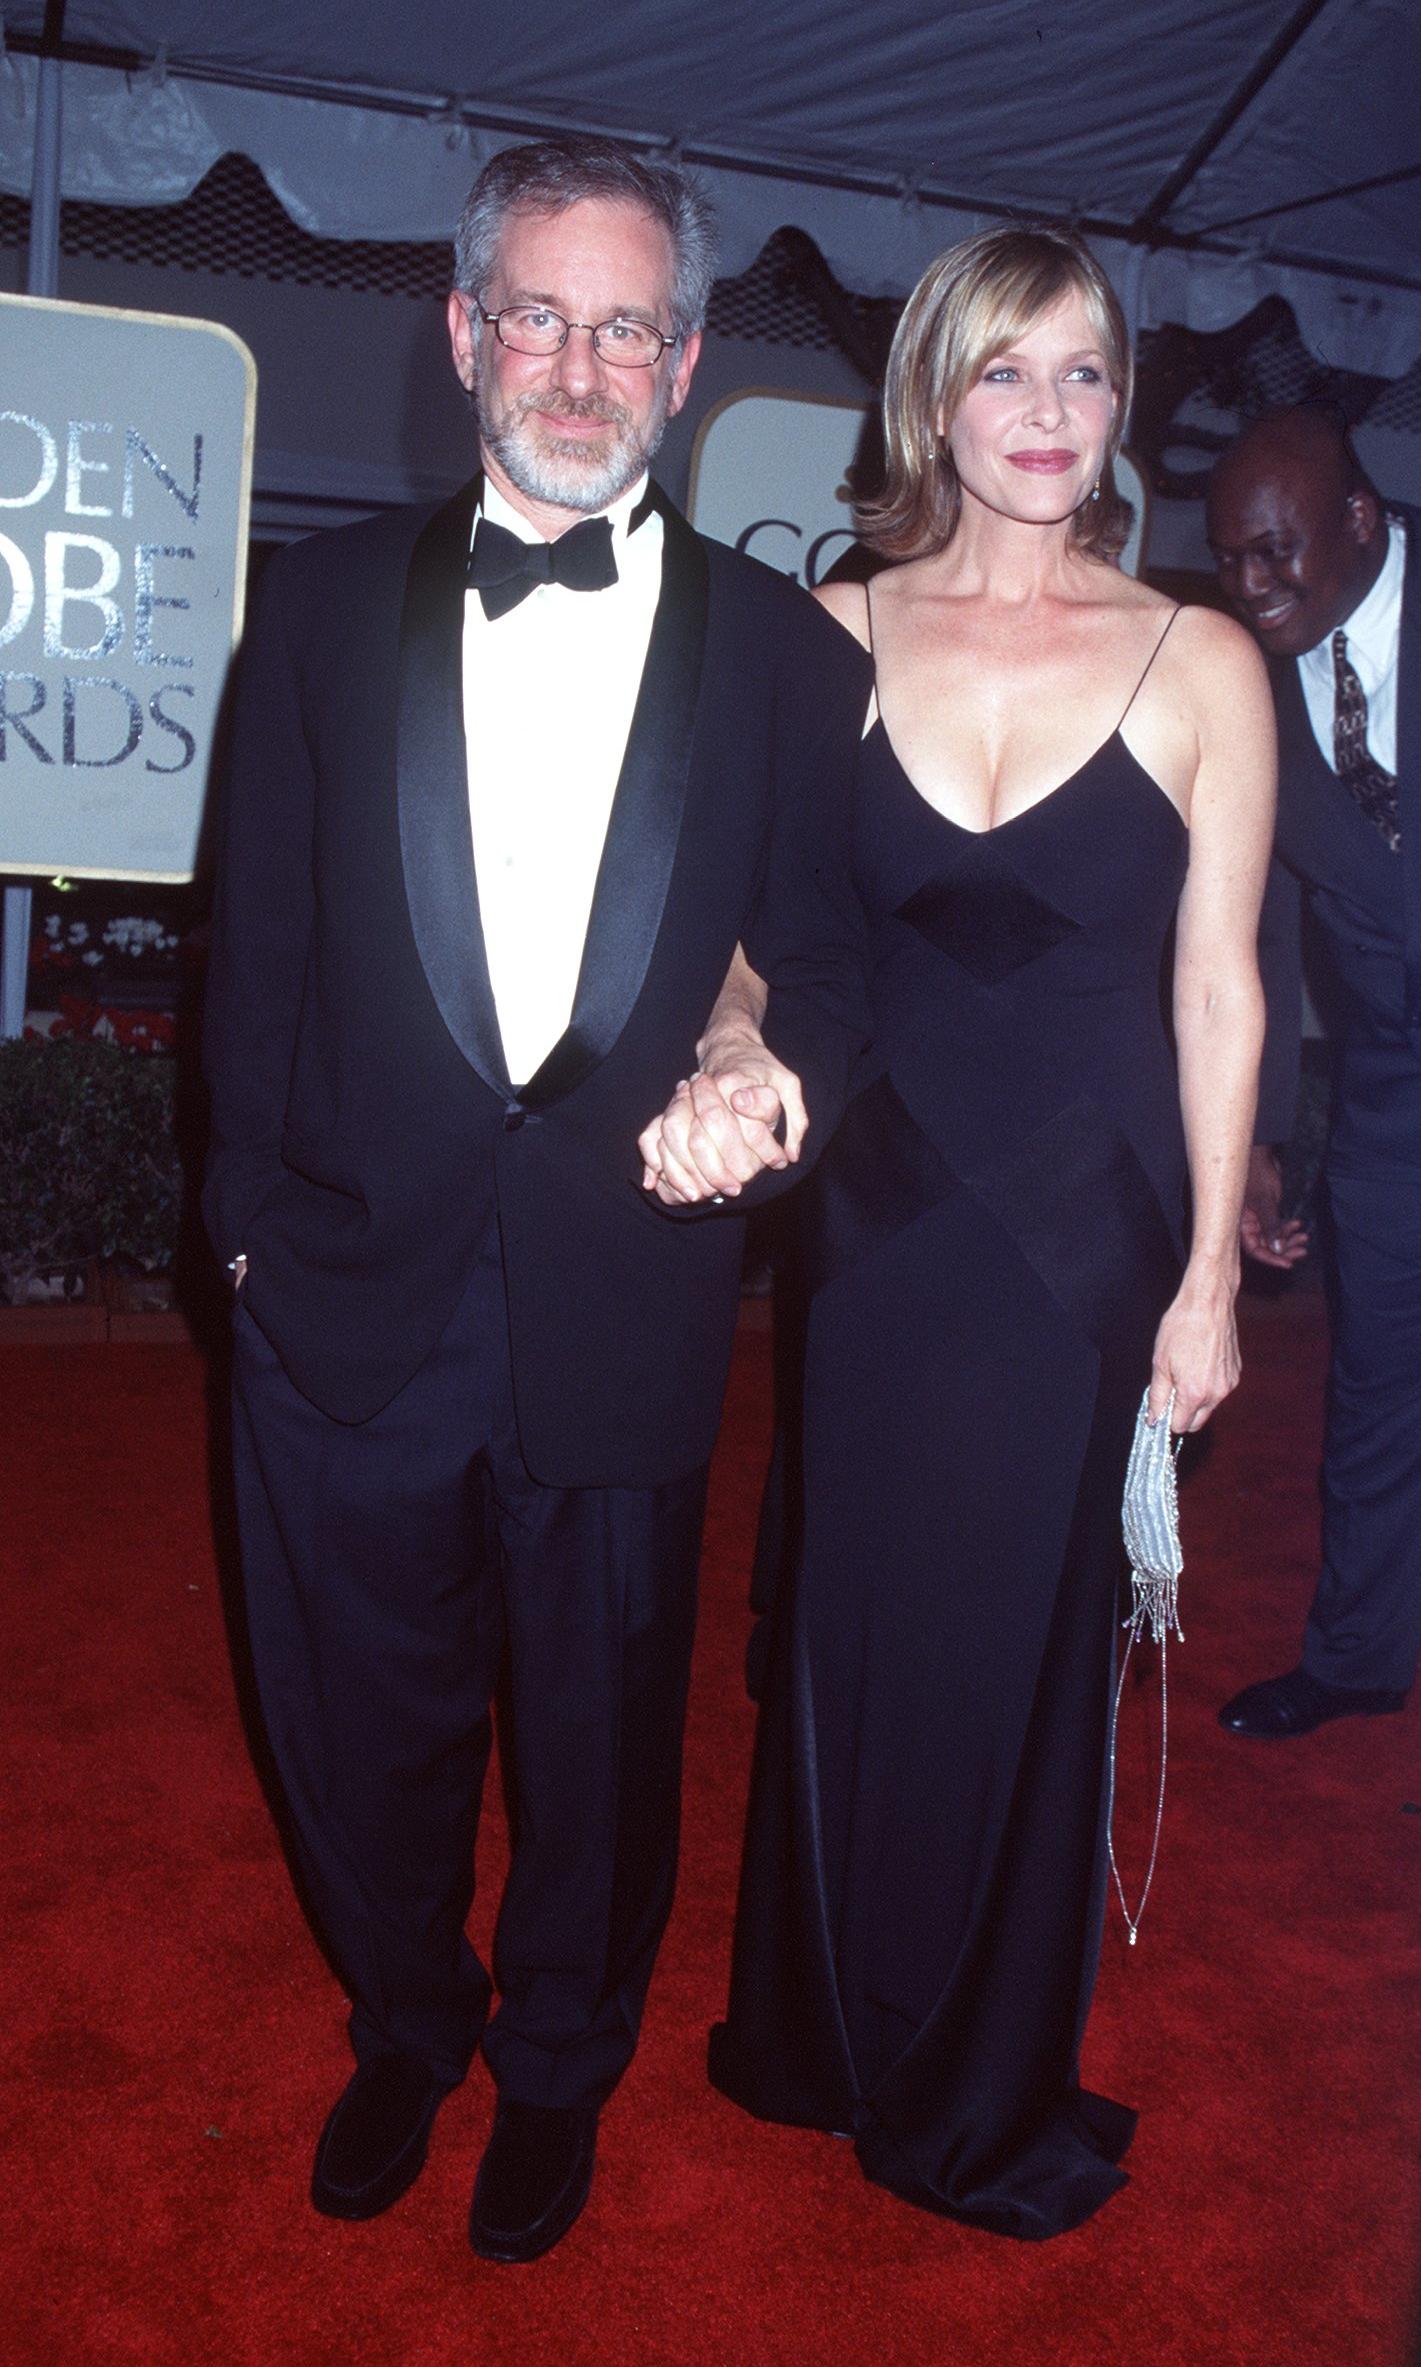 """Тази година Стивън Спилбърг грабва наградата за най-добър режисьор за филма """"Спасяването на редник Райън"""". На снимката Спилбърг е със съпругата си Кейт."""